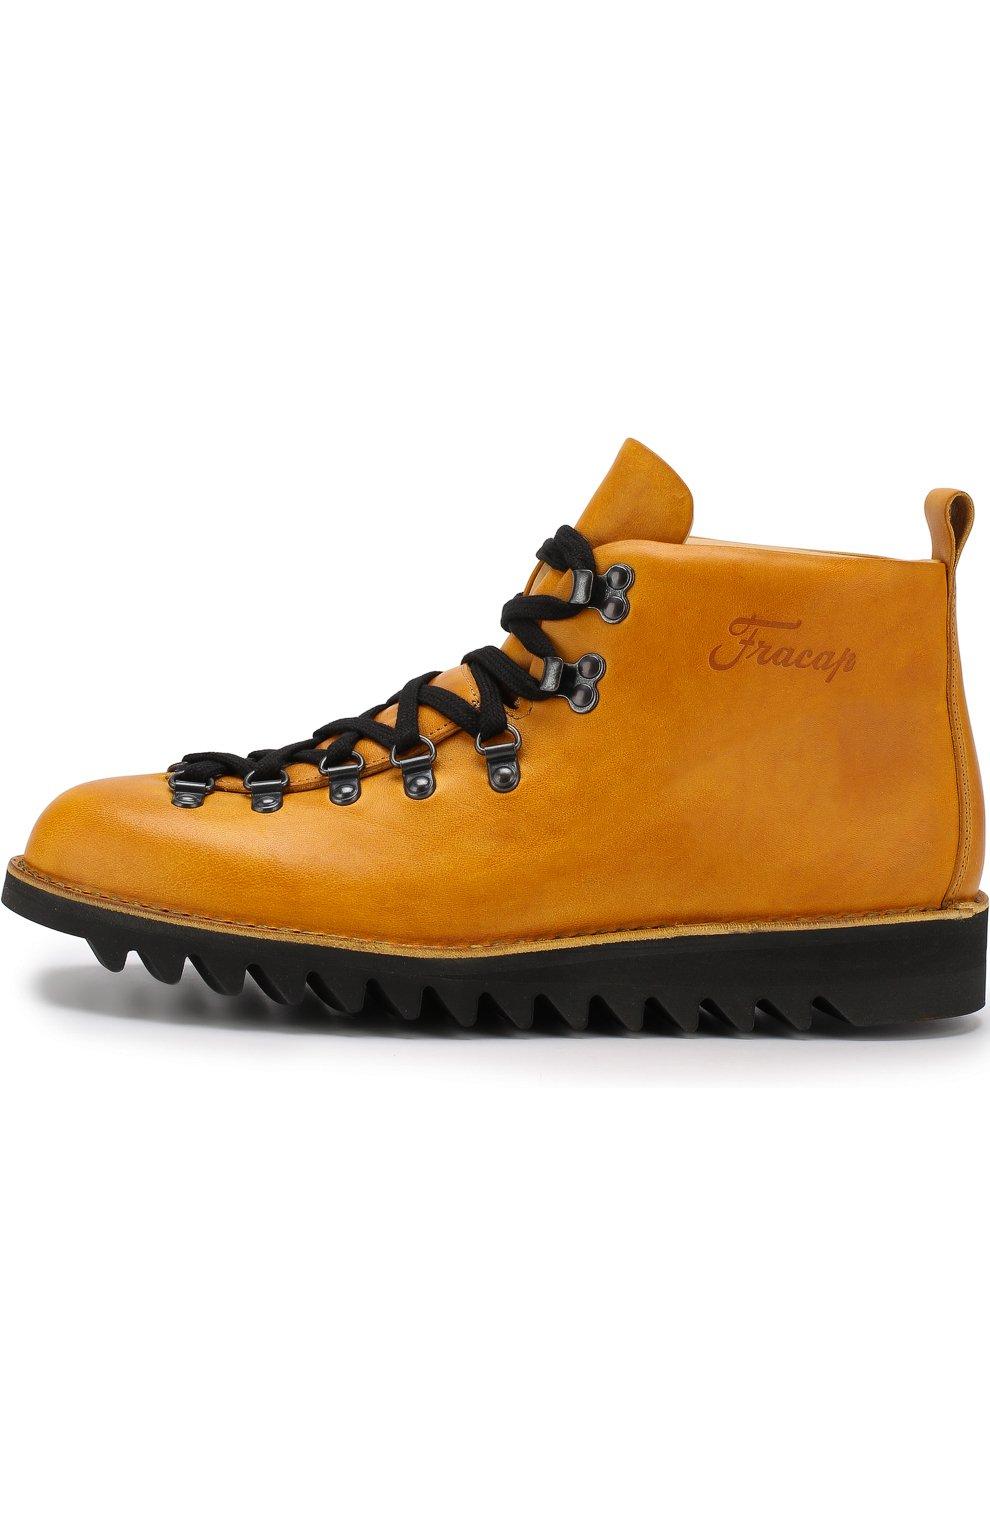 4c9b1986 Мужские желтые высокие кожаные ботинки на шнуровке m120 FRACAP ...